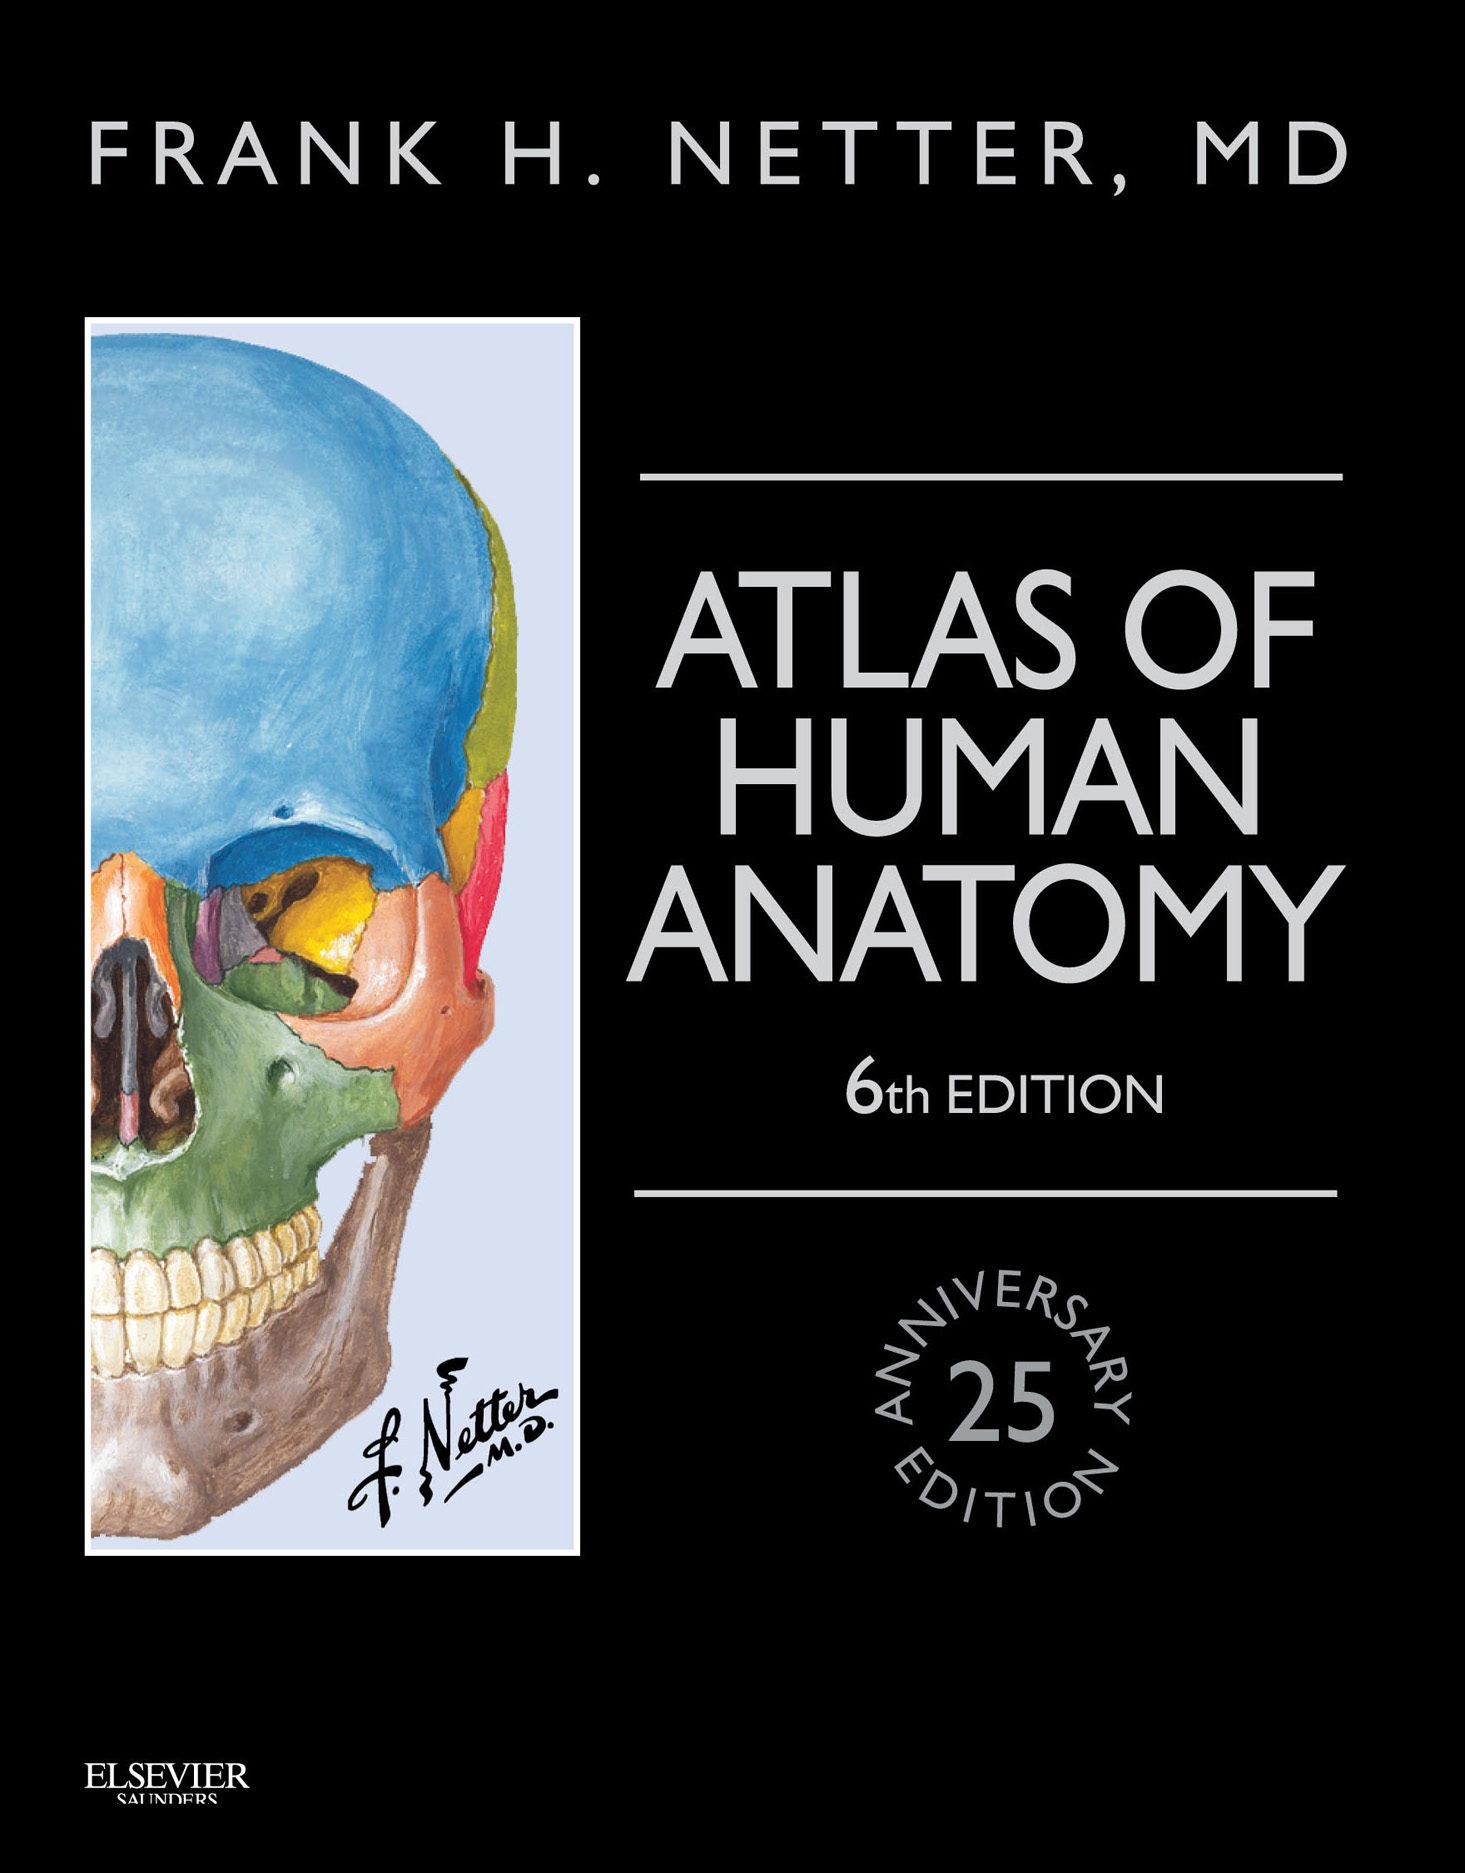 ATLAS OF HUMAN ANATOMY E-BOOK EBOOK | FRANK H. NETTER | Descargar ...